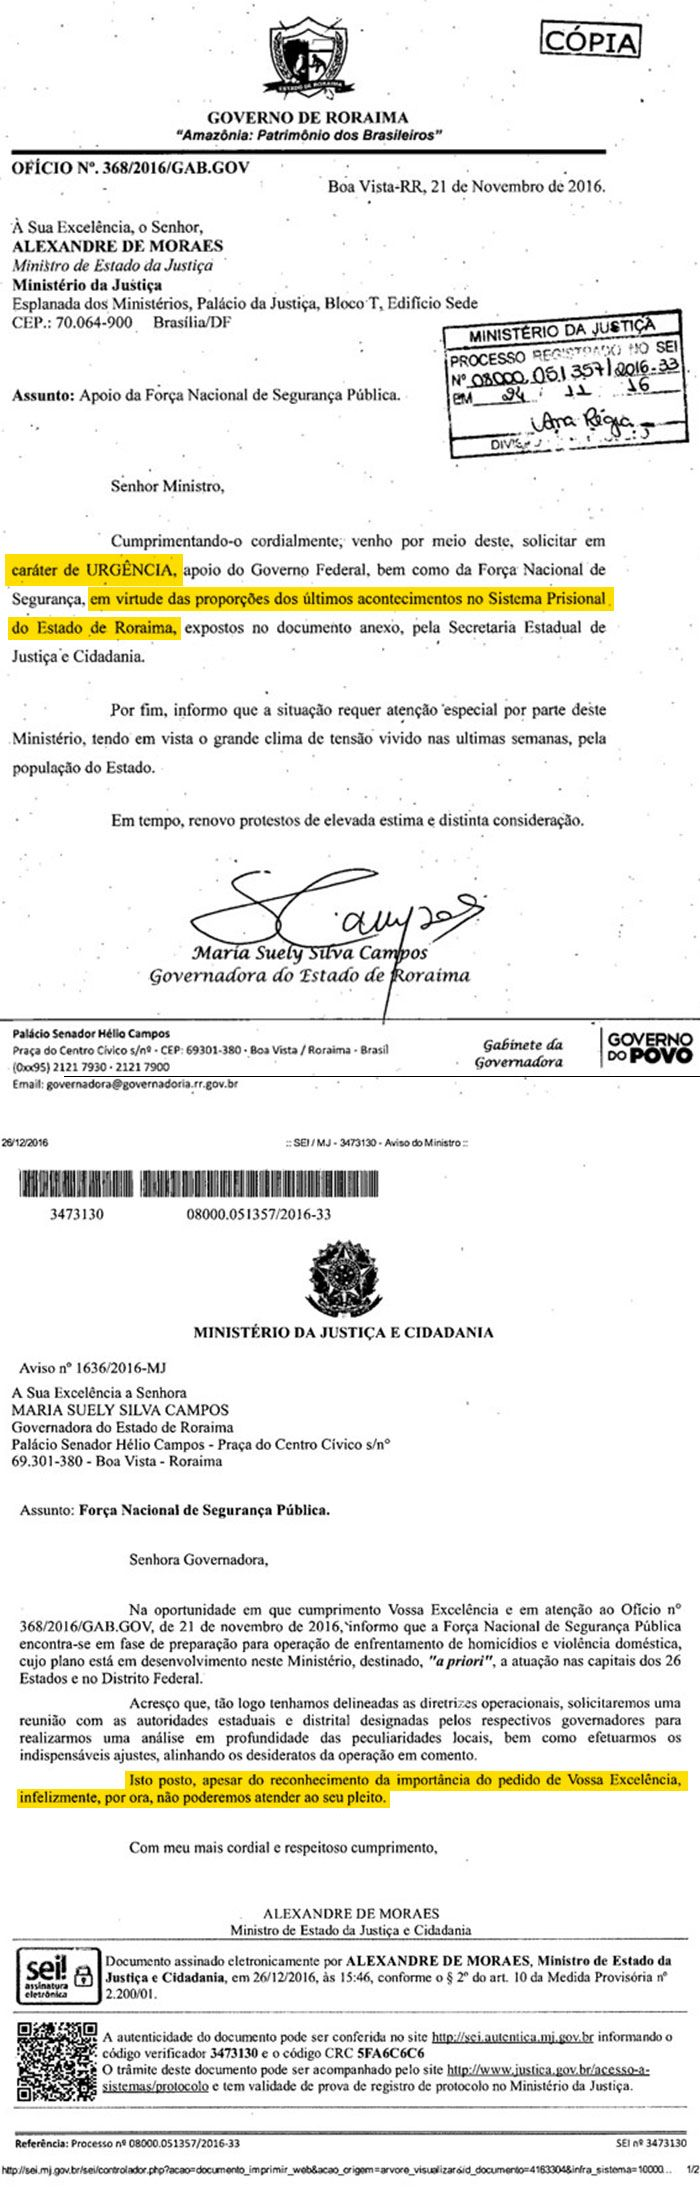 Documento desmente ministro sobre pedido de ajuda a Roraima - Jornal O Globo